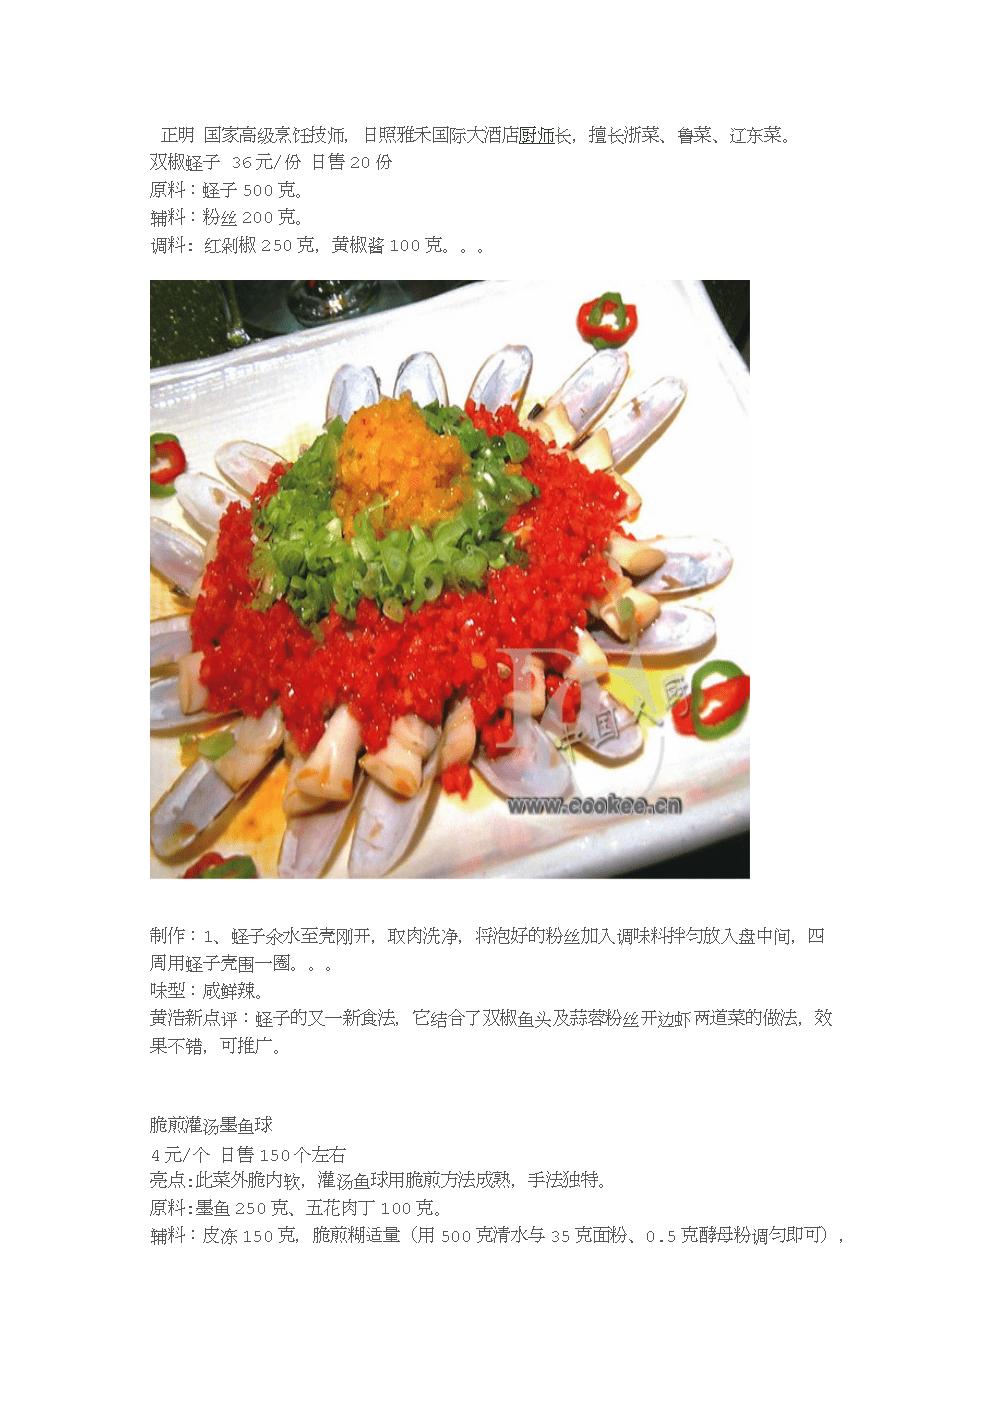 3.中国大厨的海鲜菜品.doc